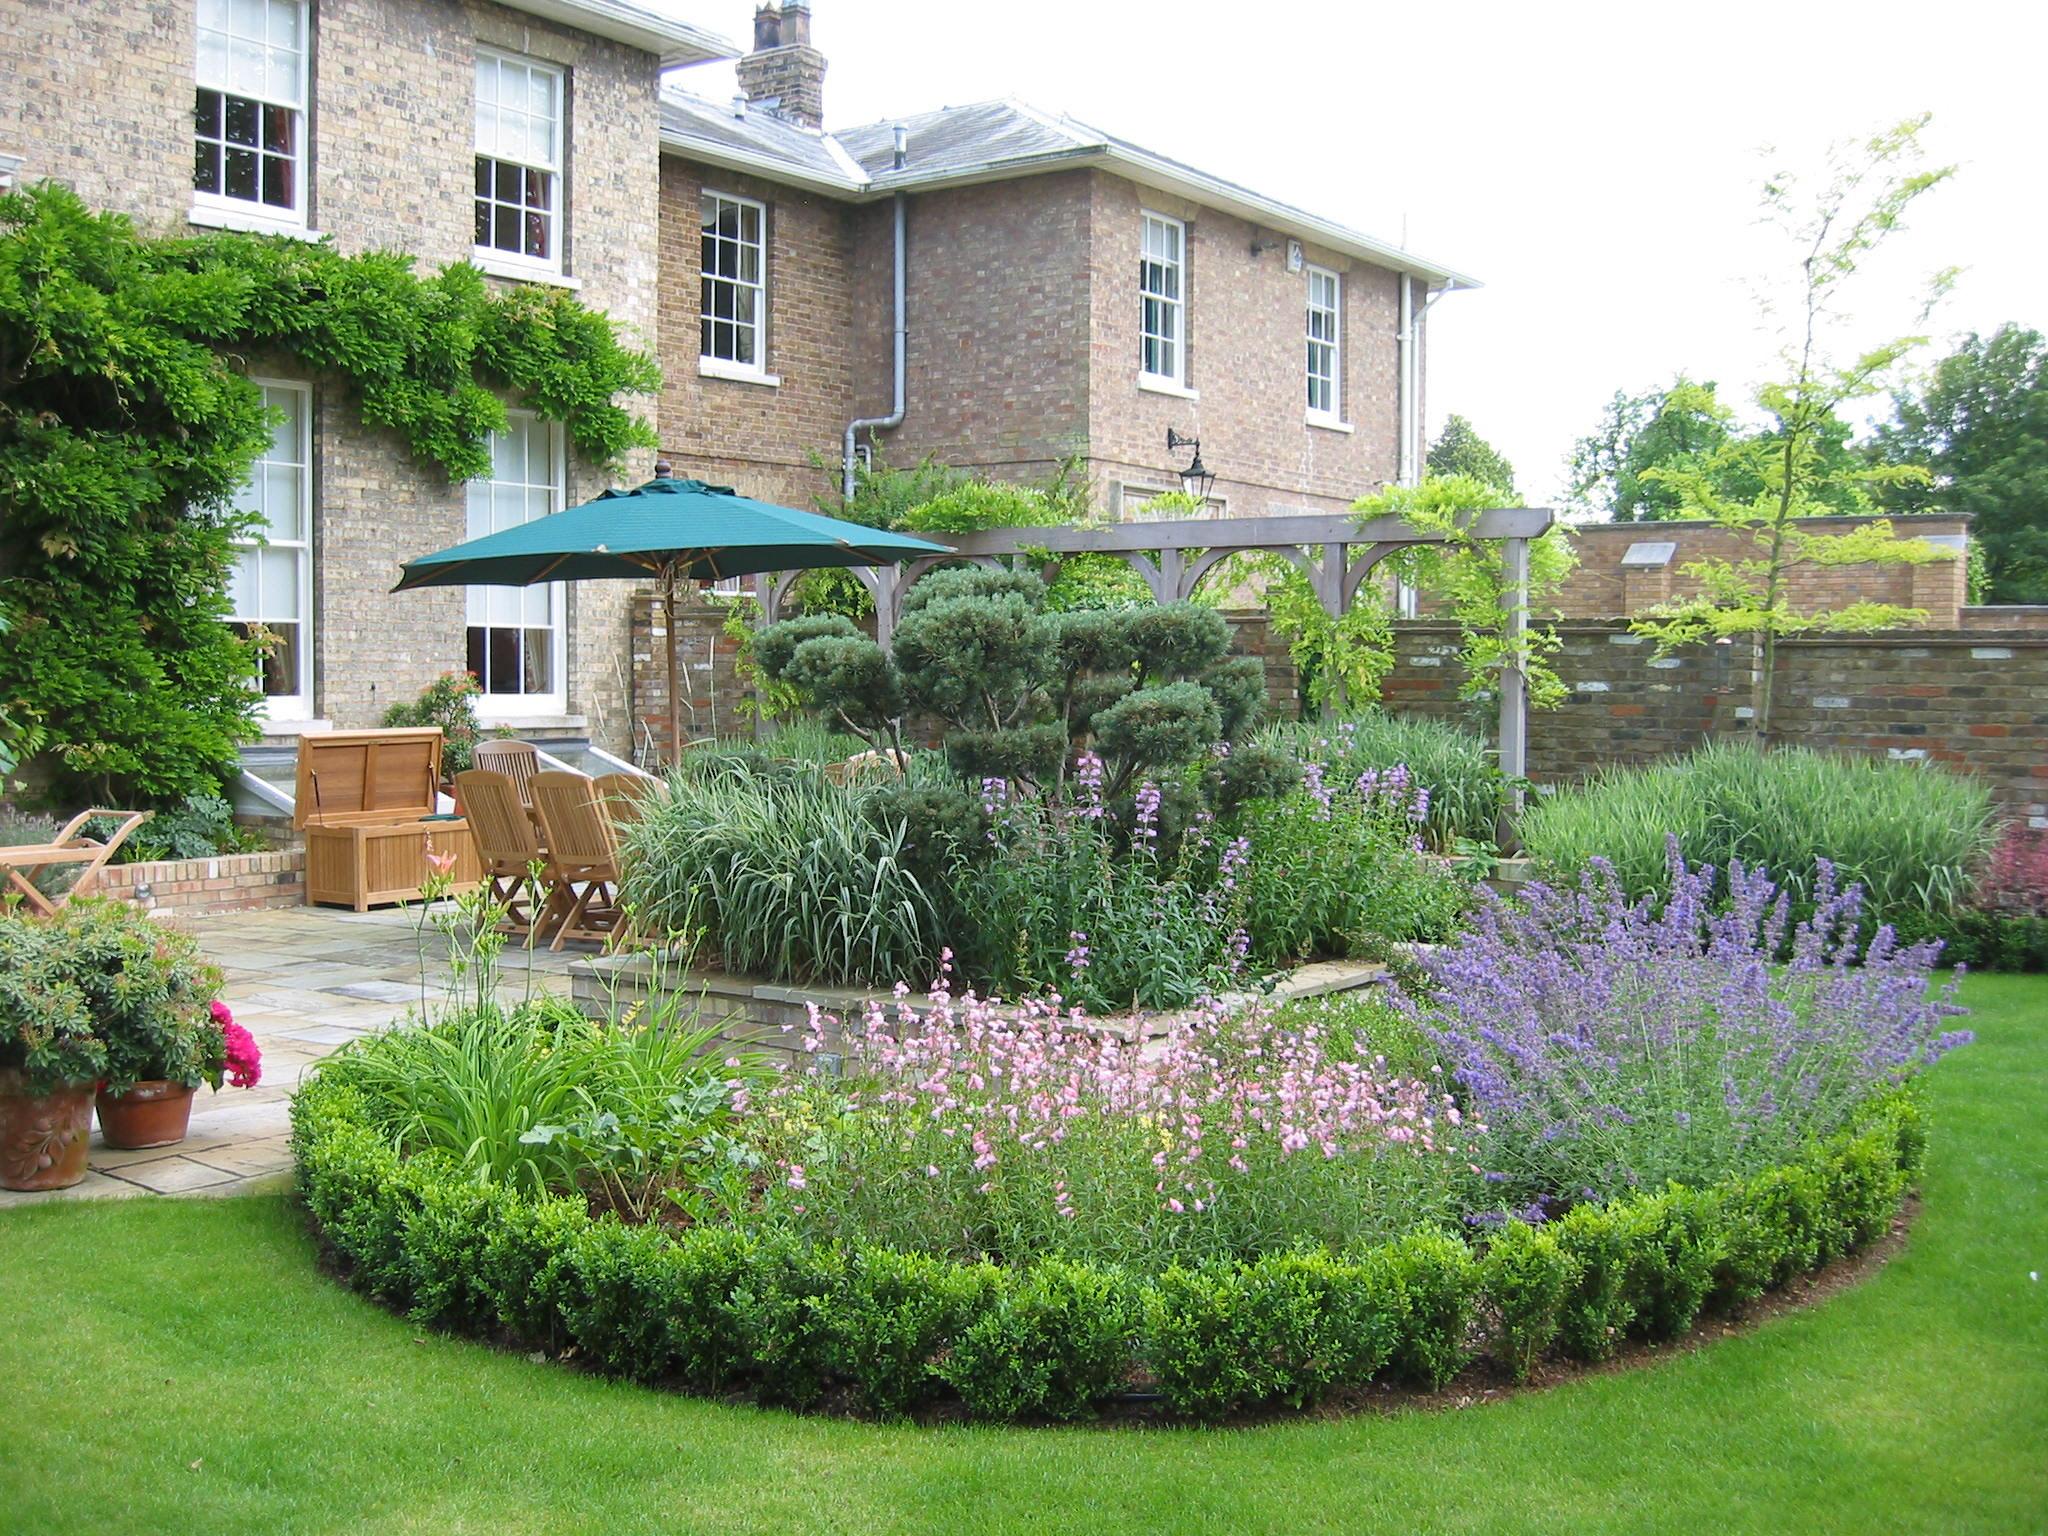 Home And Garden Design. Wondrous Design Home And Garden Designs ...